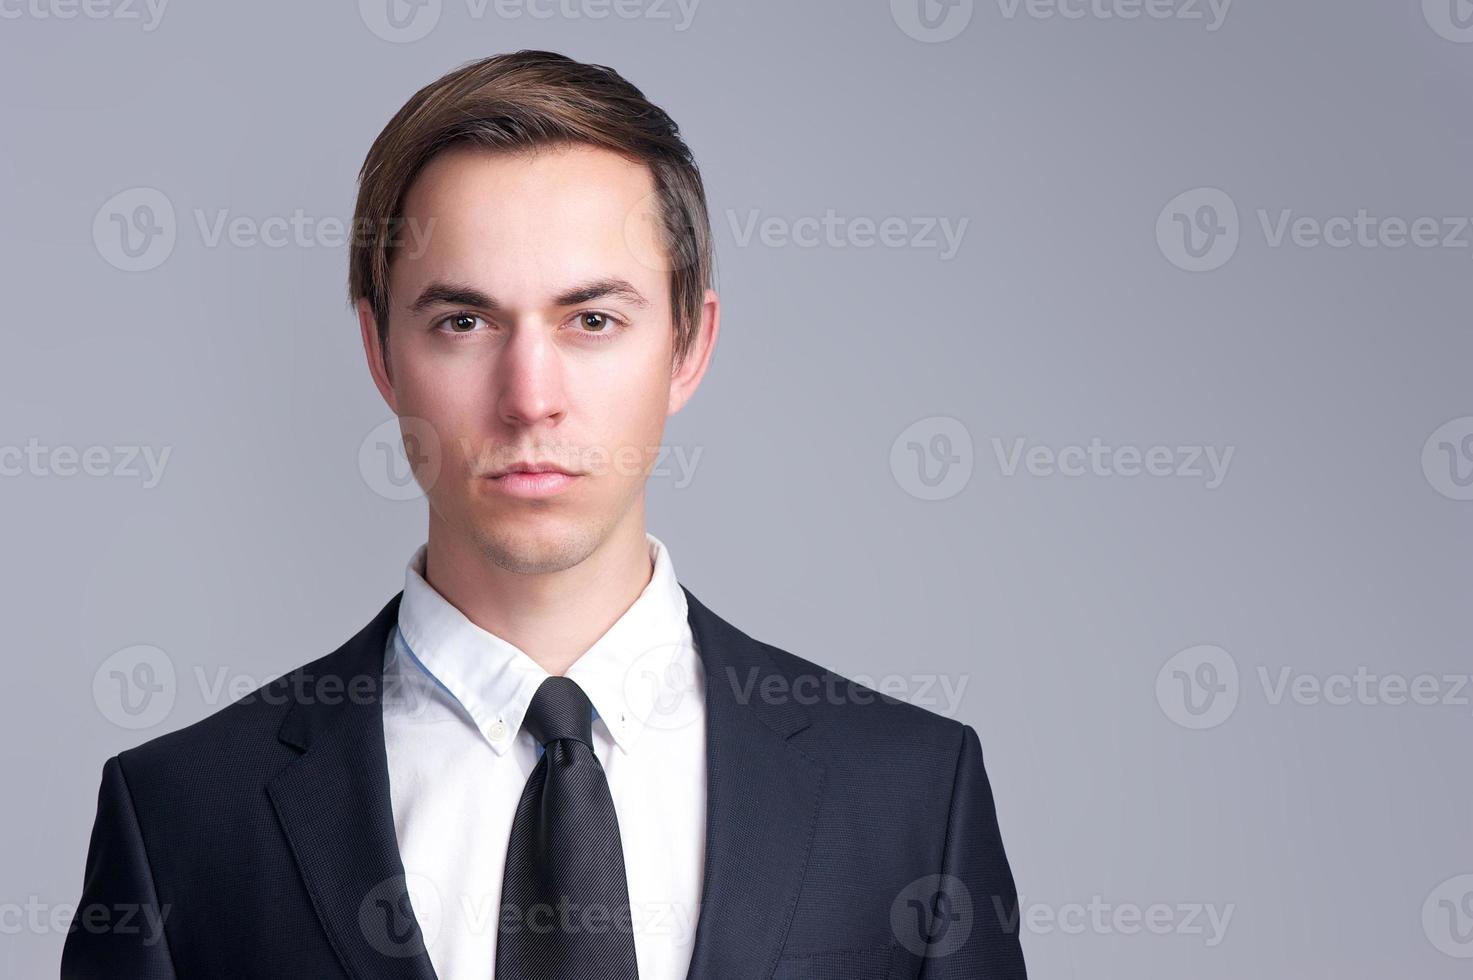 vicino ritratto di un volto serio uomo d'affari foto